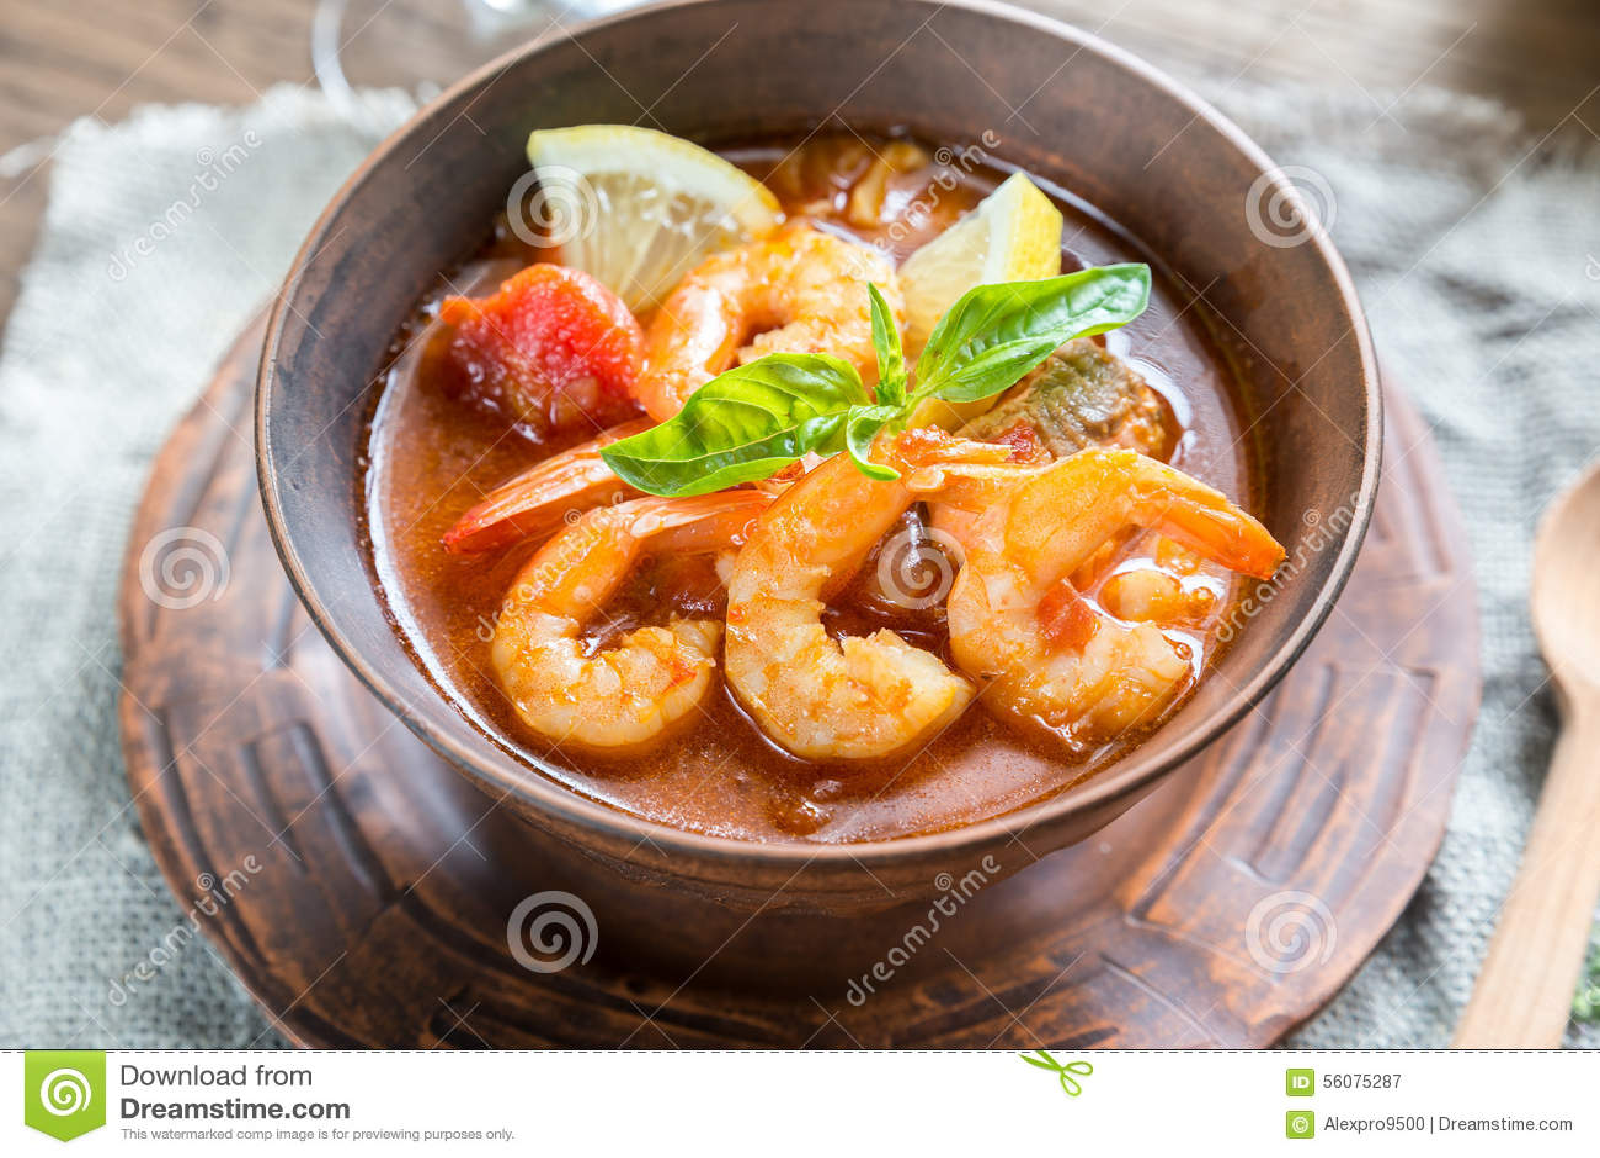 Sopa francesa picante con los mariscos imagen de archivo for Tapas francesas